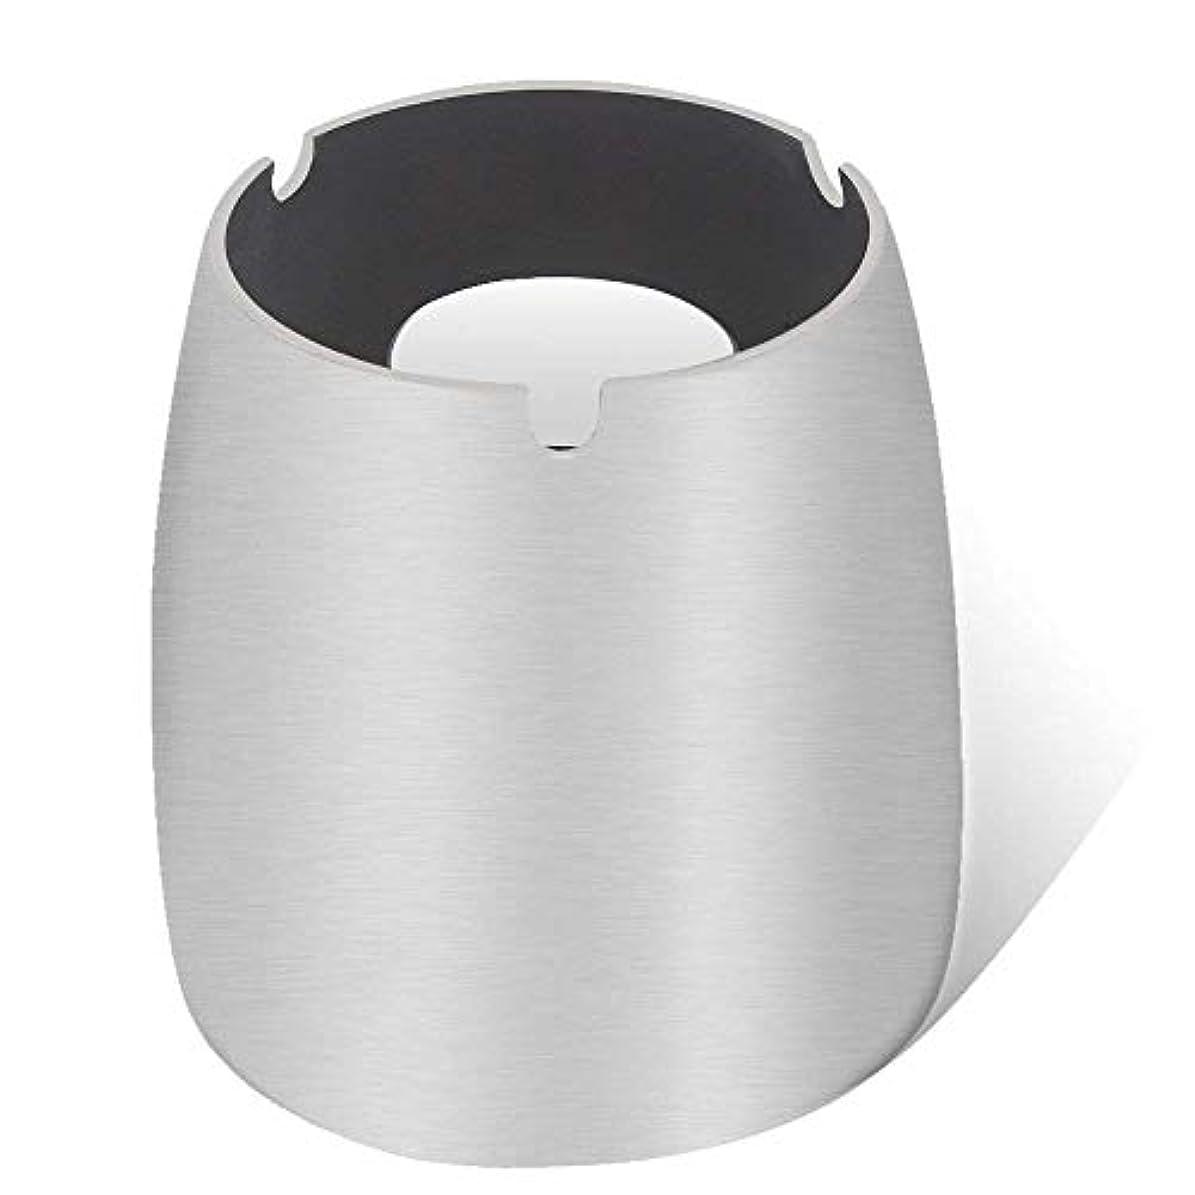 ライフルシーズン計算可能灰皿、ステンレススチール風灰皿タンブルカップ、屋内または屋外用、ガーデンバルコニーシルバー